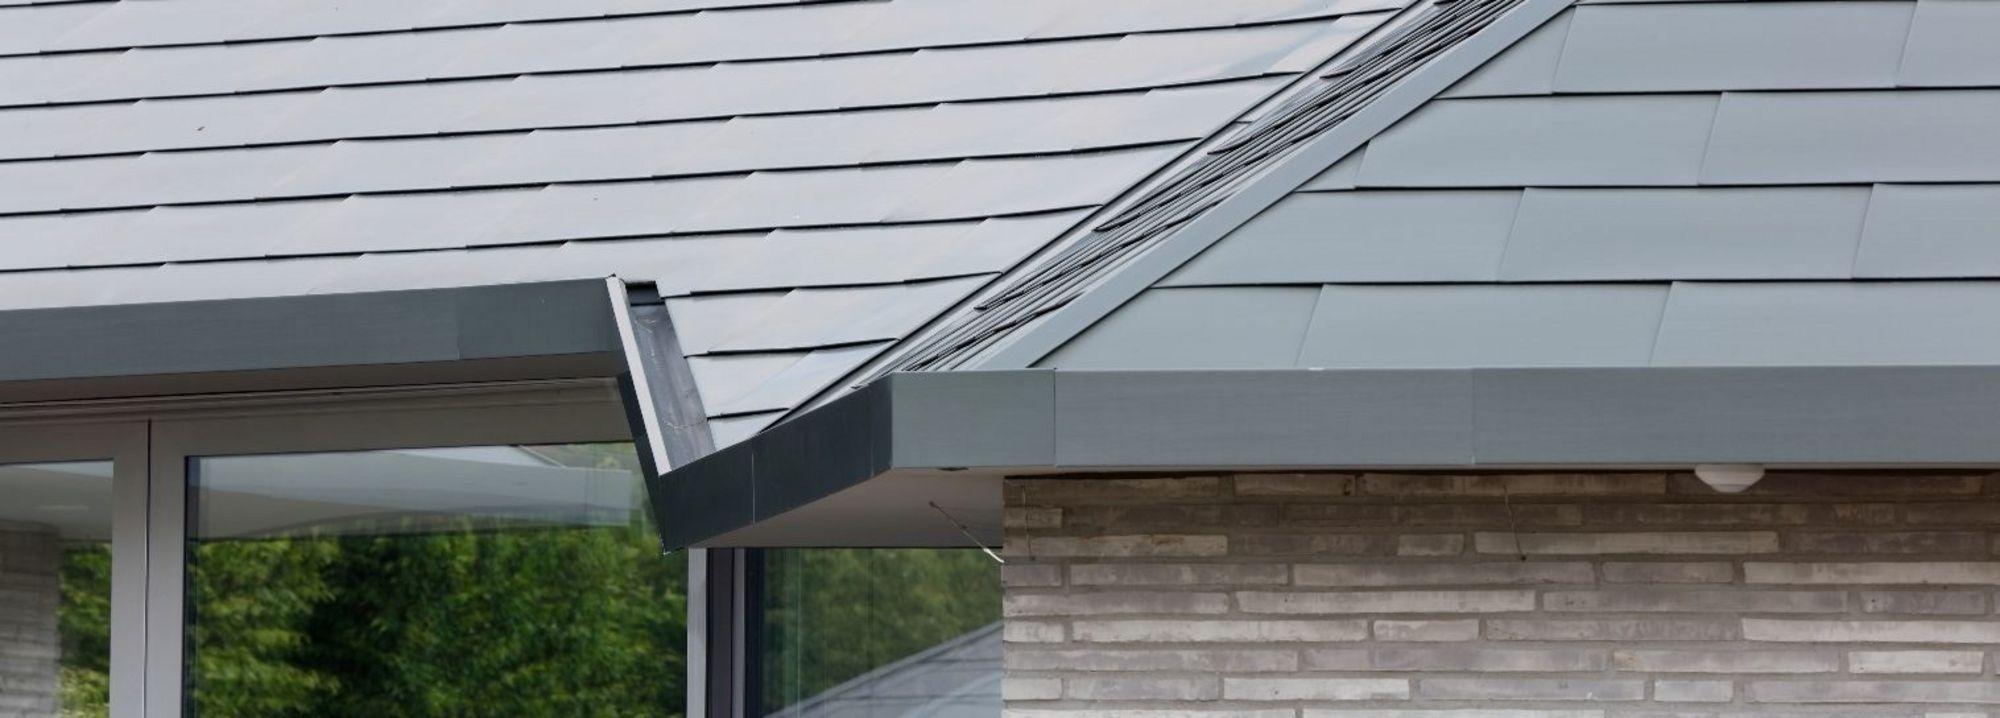 Beliebt Systeme für die Dacheindeckung online | rheinzink.de NI86